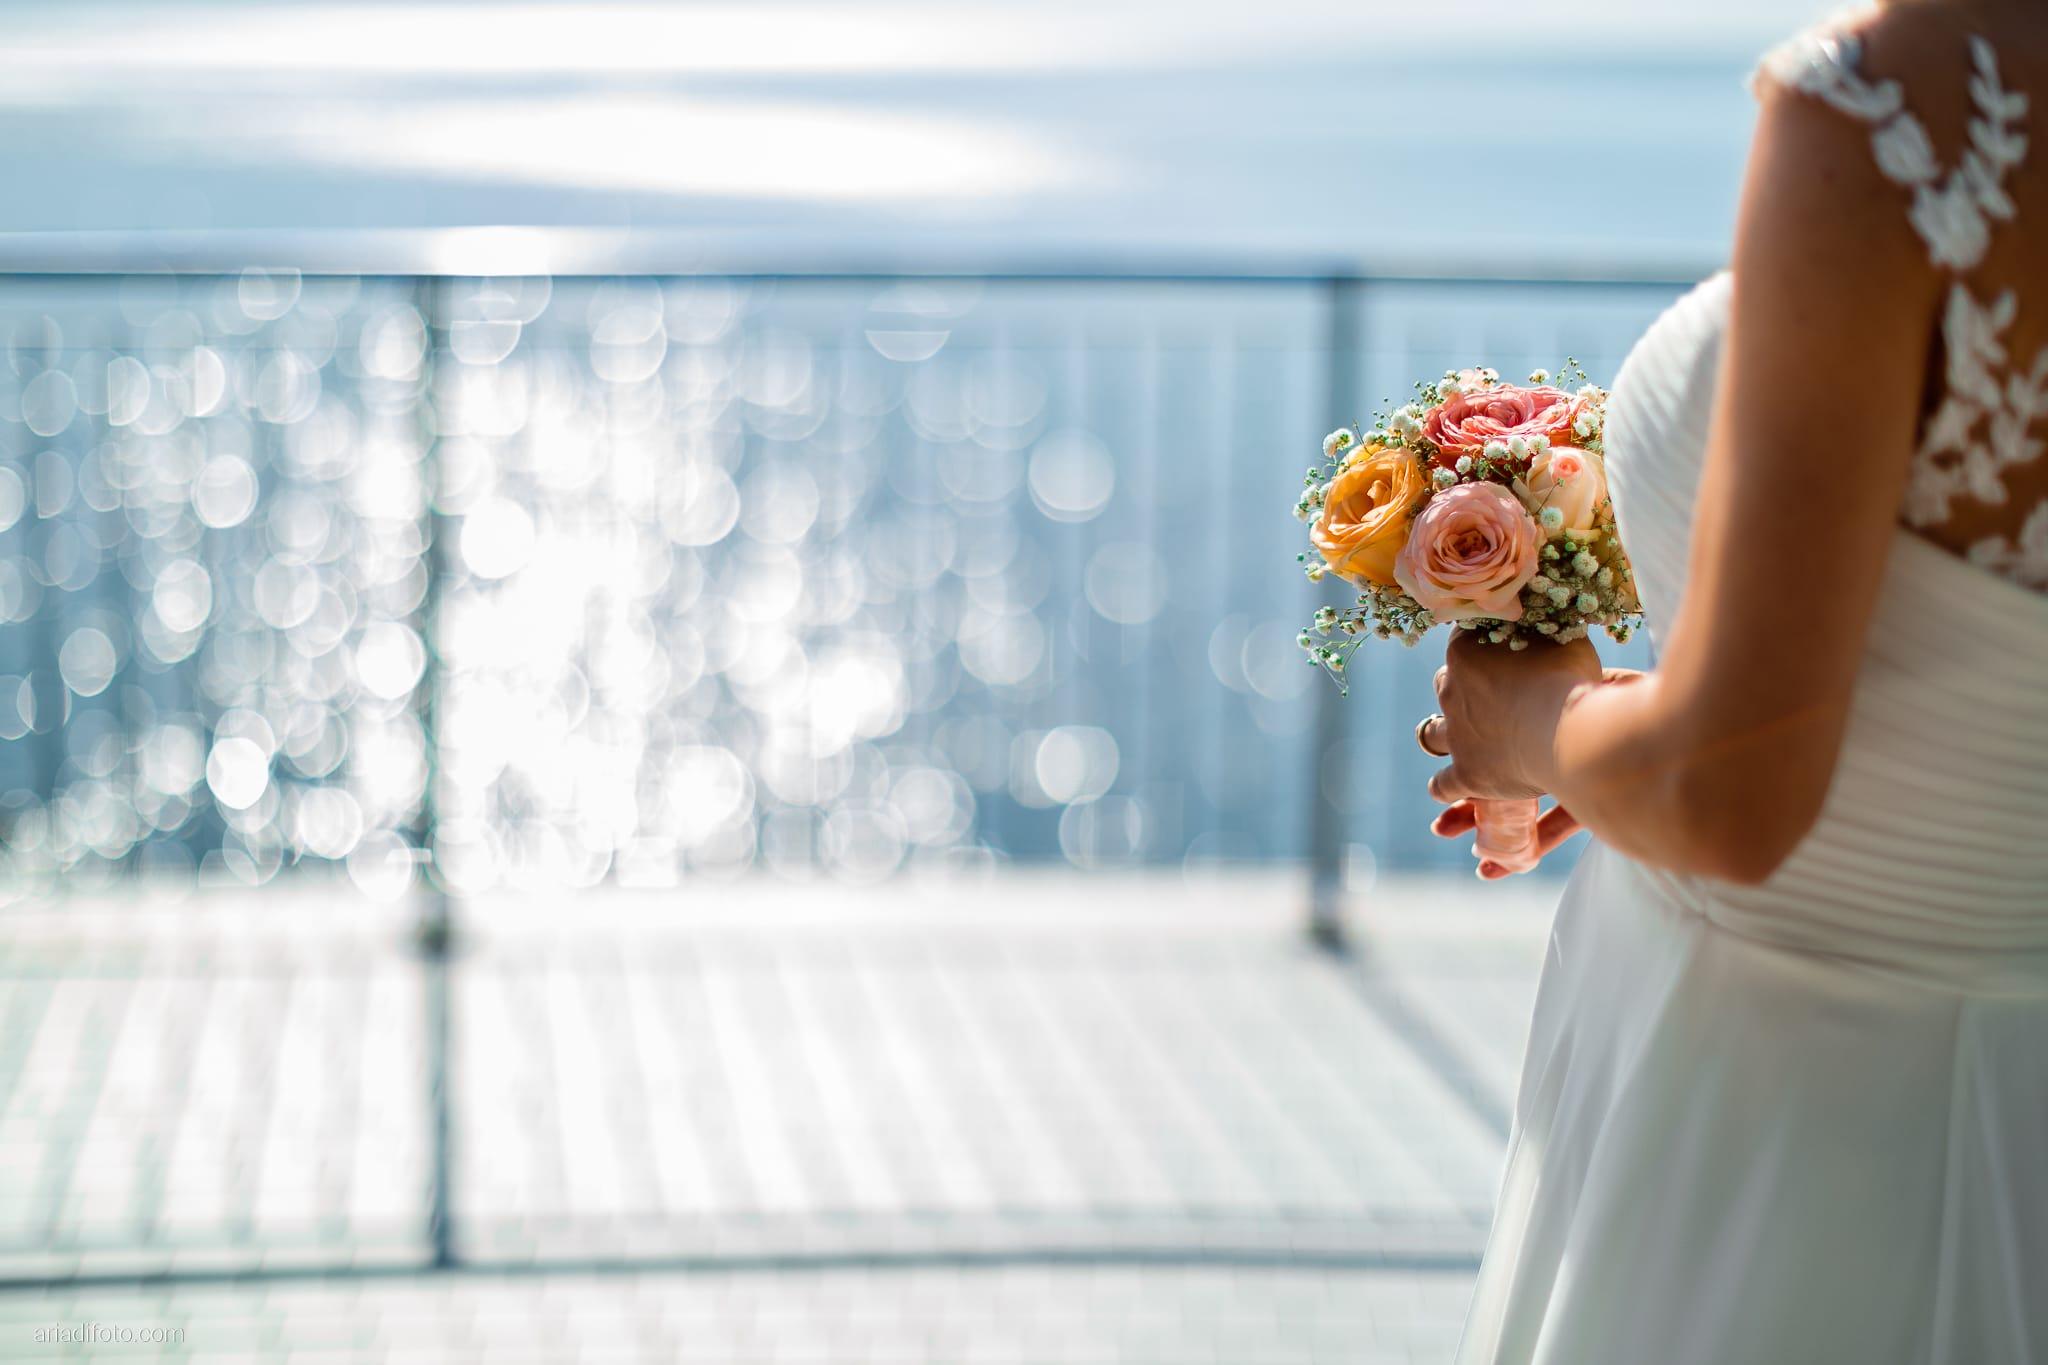 Tatiana Marco Matrimonio Trieste Baronesse Tacco San Floriano Collio Gorizia ritratti sposi Barcola bouquet rose